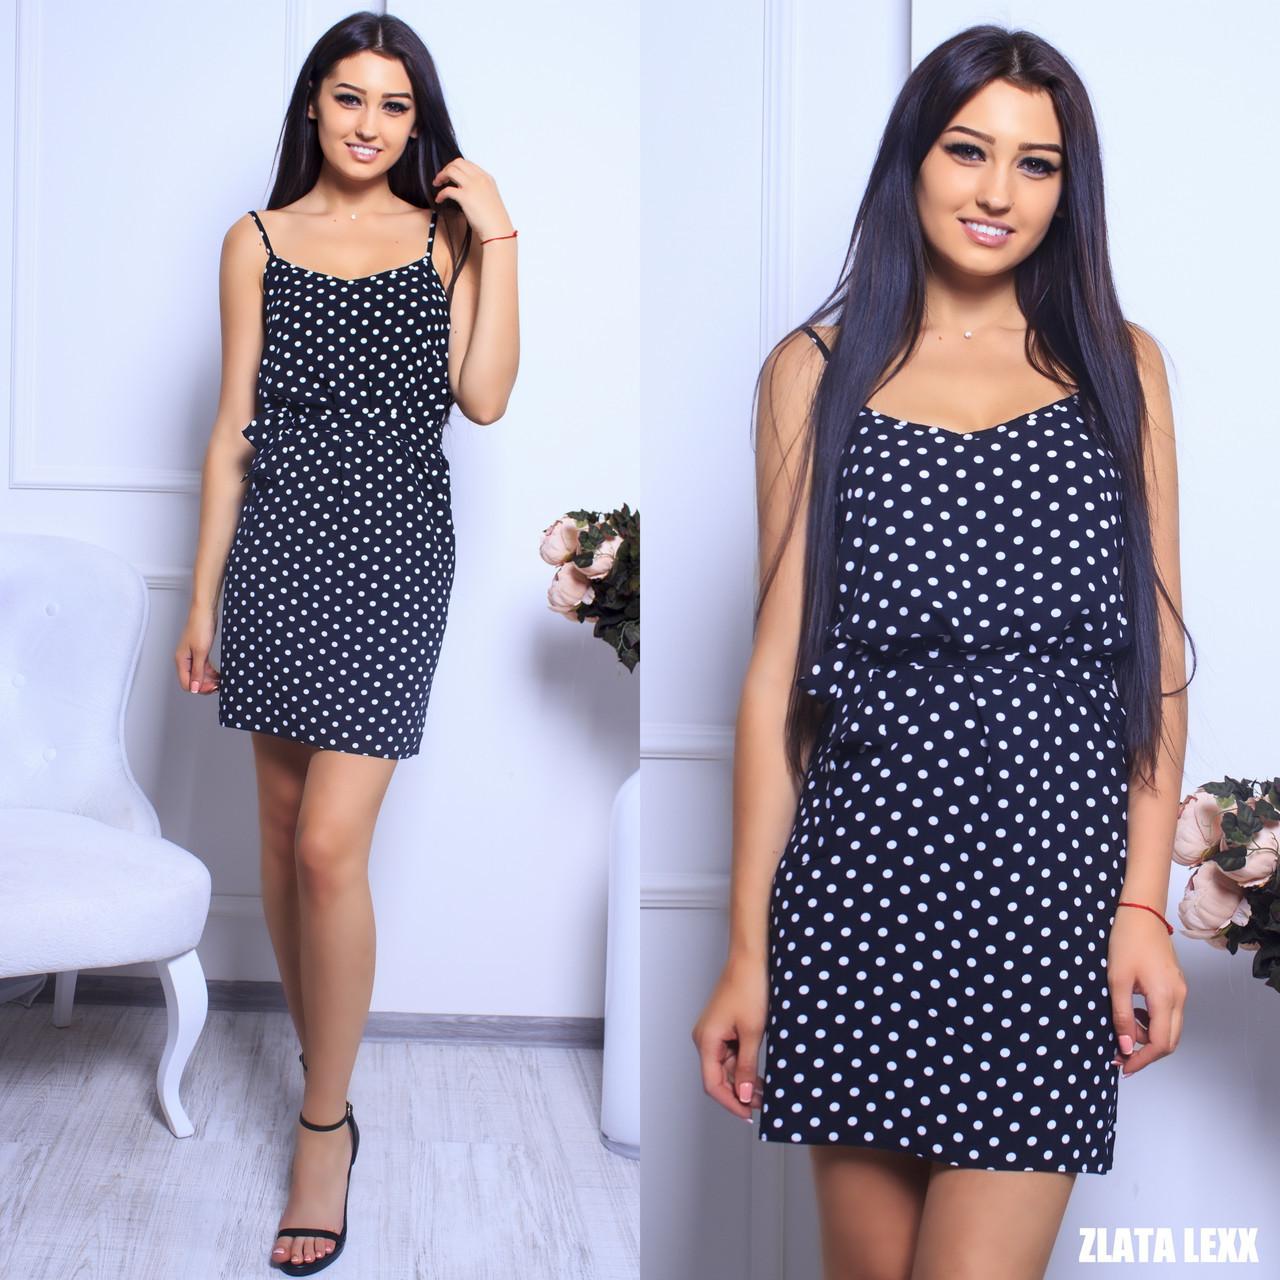 fba4cb8ed0d Прямое легкое платье с поясом на бретелях 5731681 - Интернет - магазин  одежды и косметики